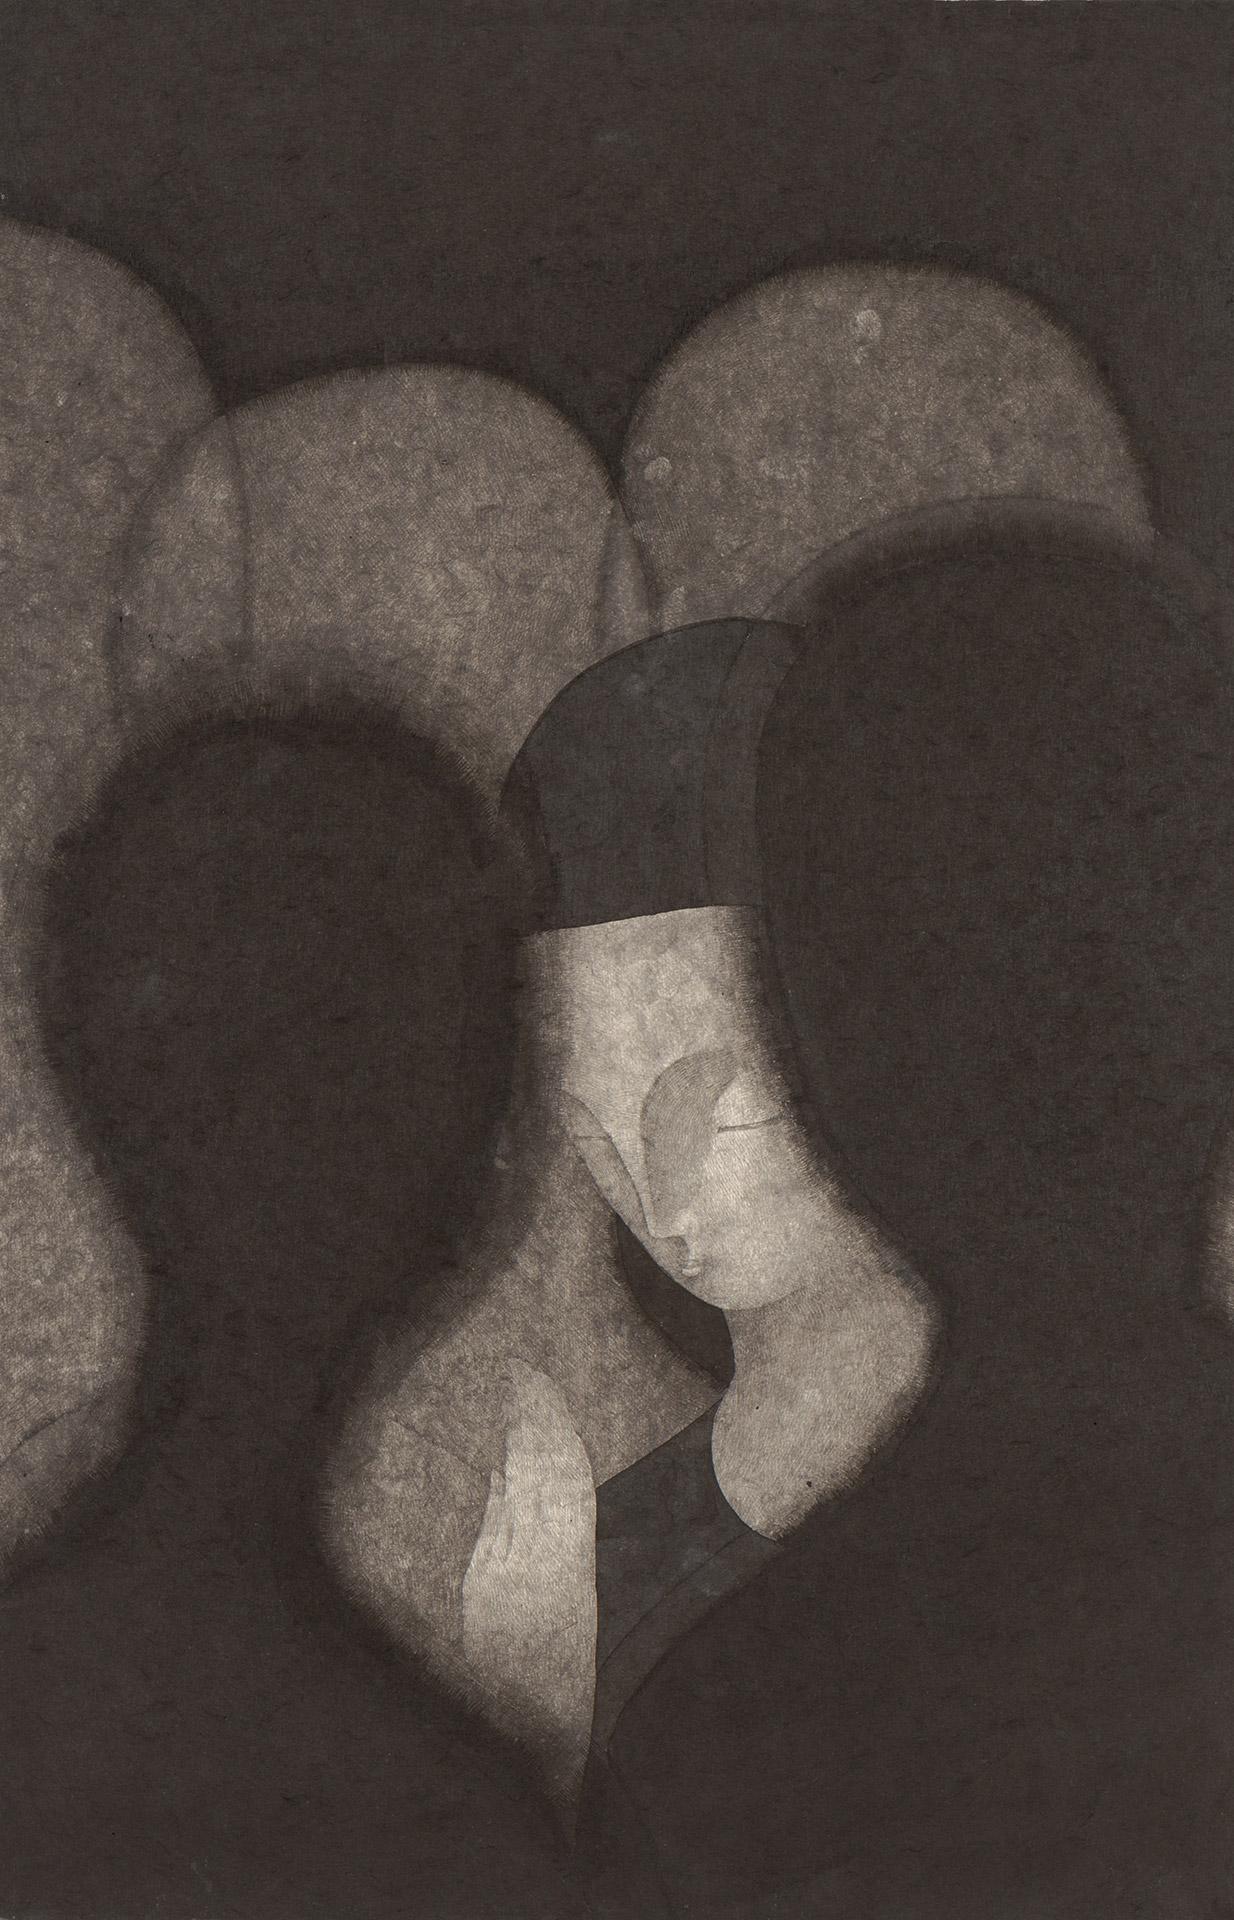 불안한 평화  /  Me dimly seen in the distance   Op. 0204P -48 x 72 cm,Korean ink on Korean paper, 2018